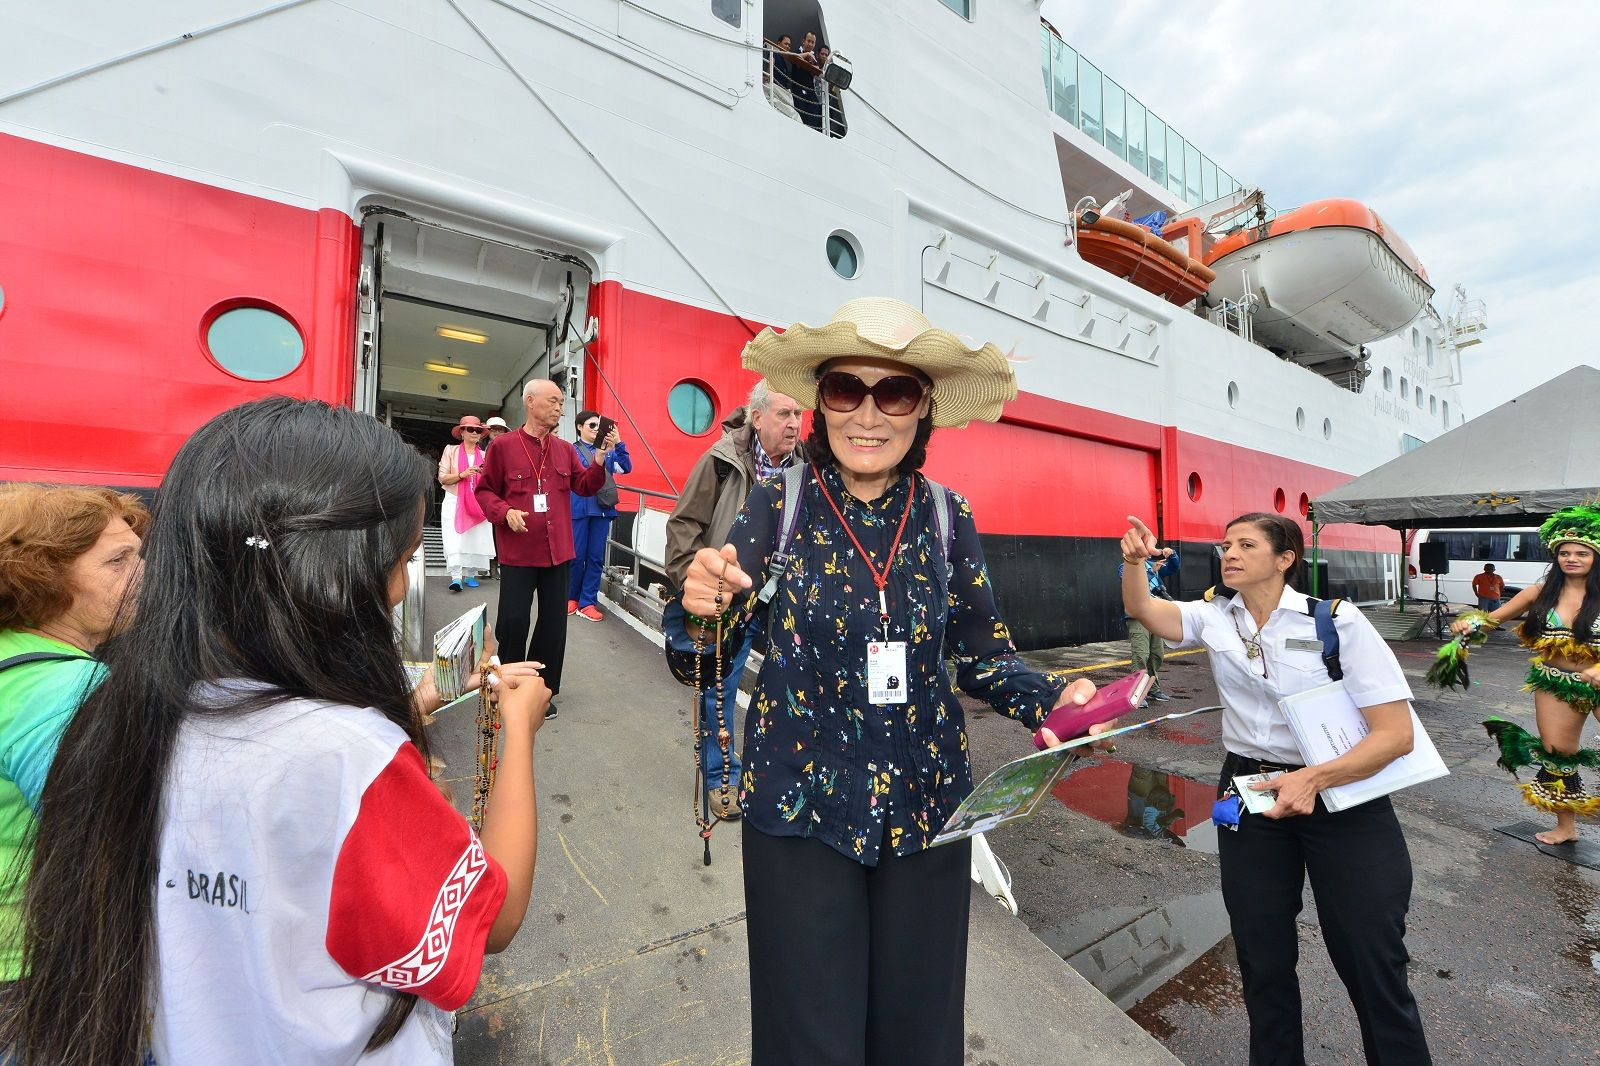 Segundo navio da temporada de cruzeiros aporta em Manaus com 150 turistas